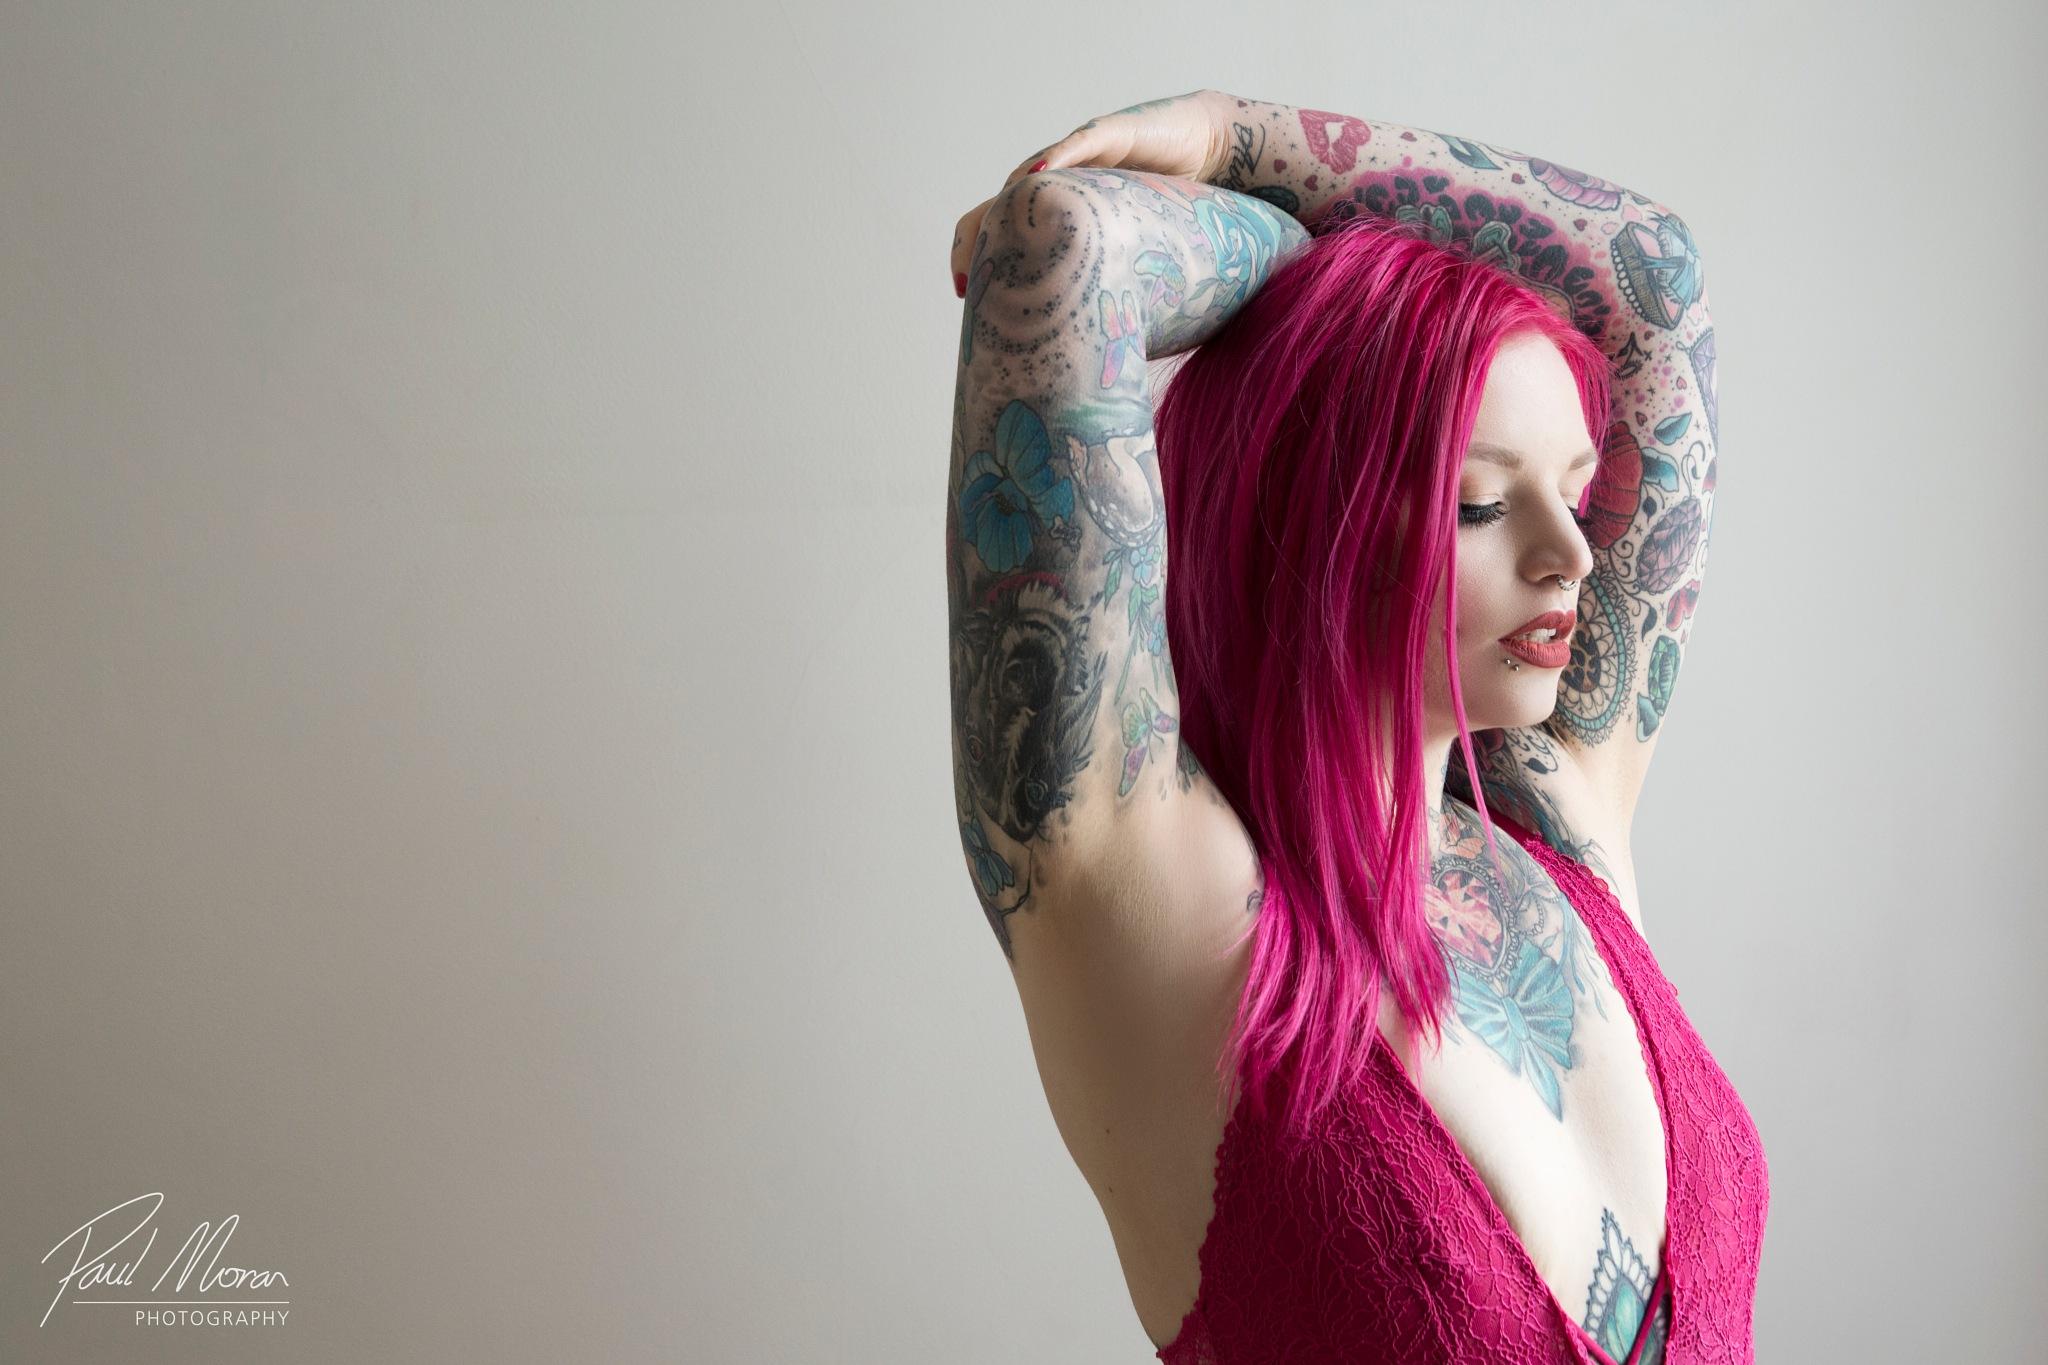 Tattoo model Alison Raven 07 by Paul Moran